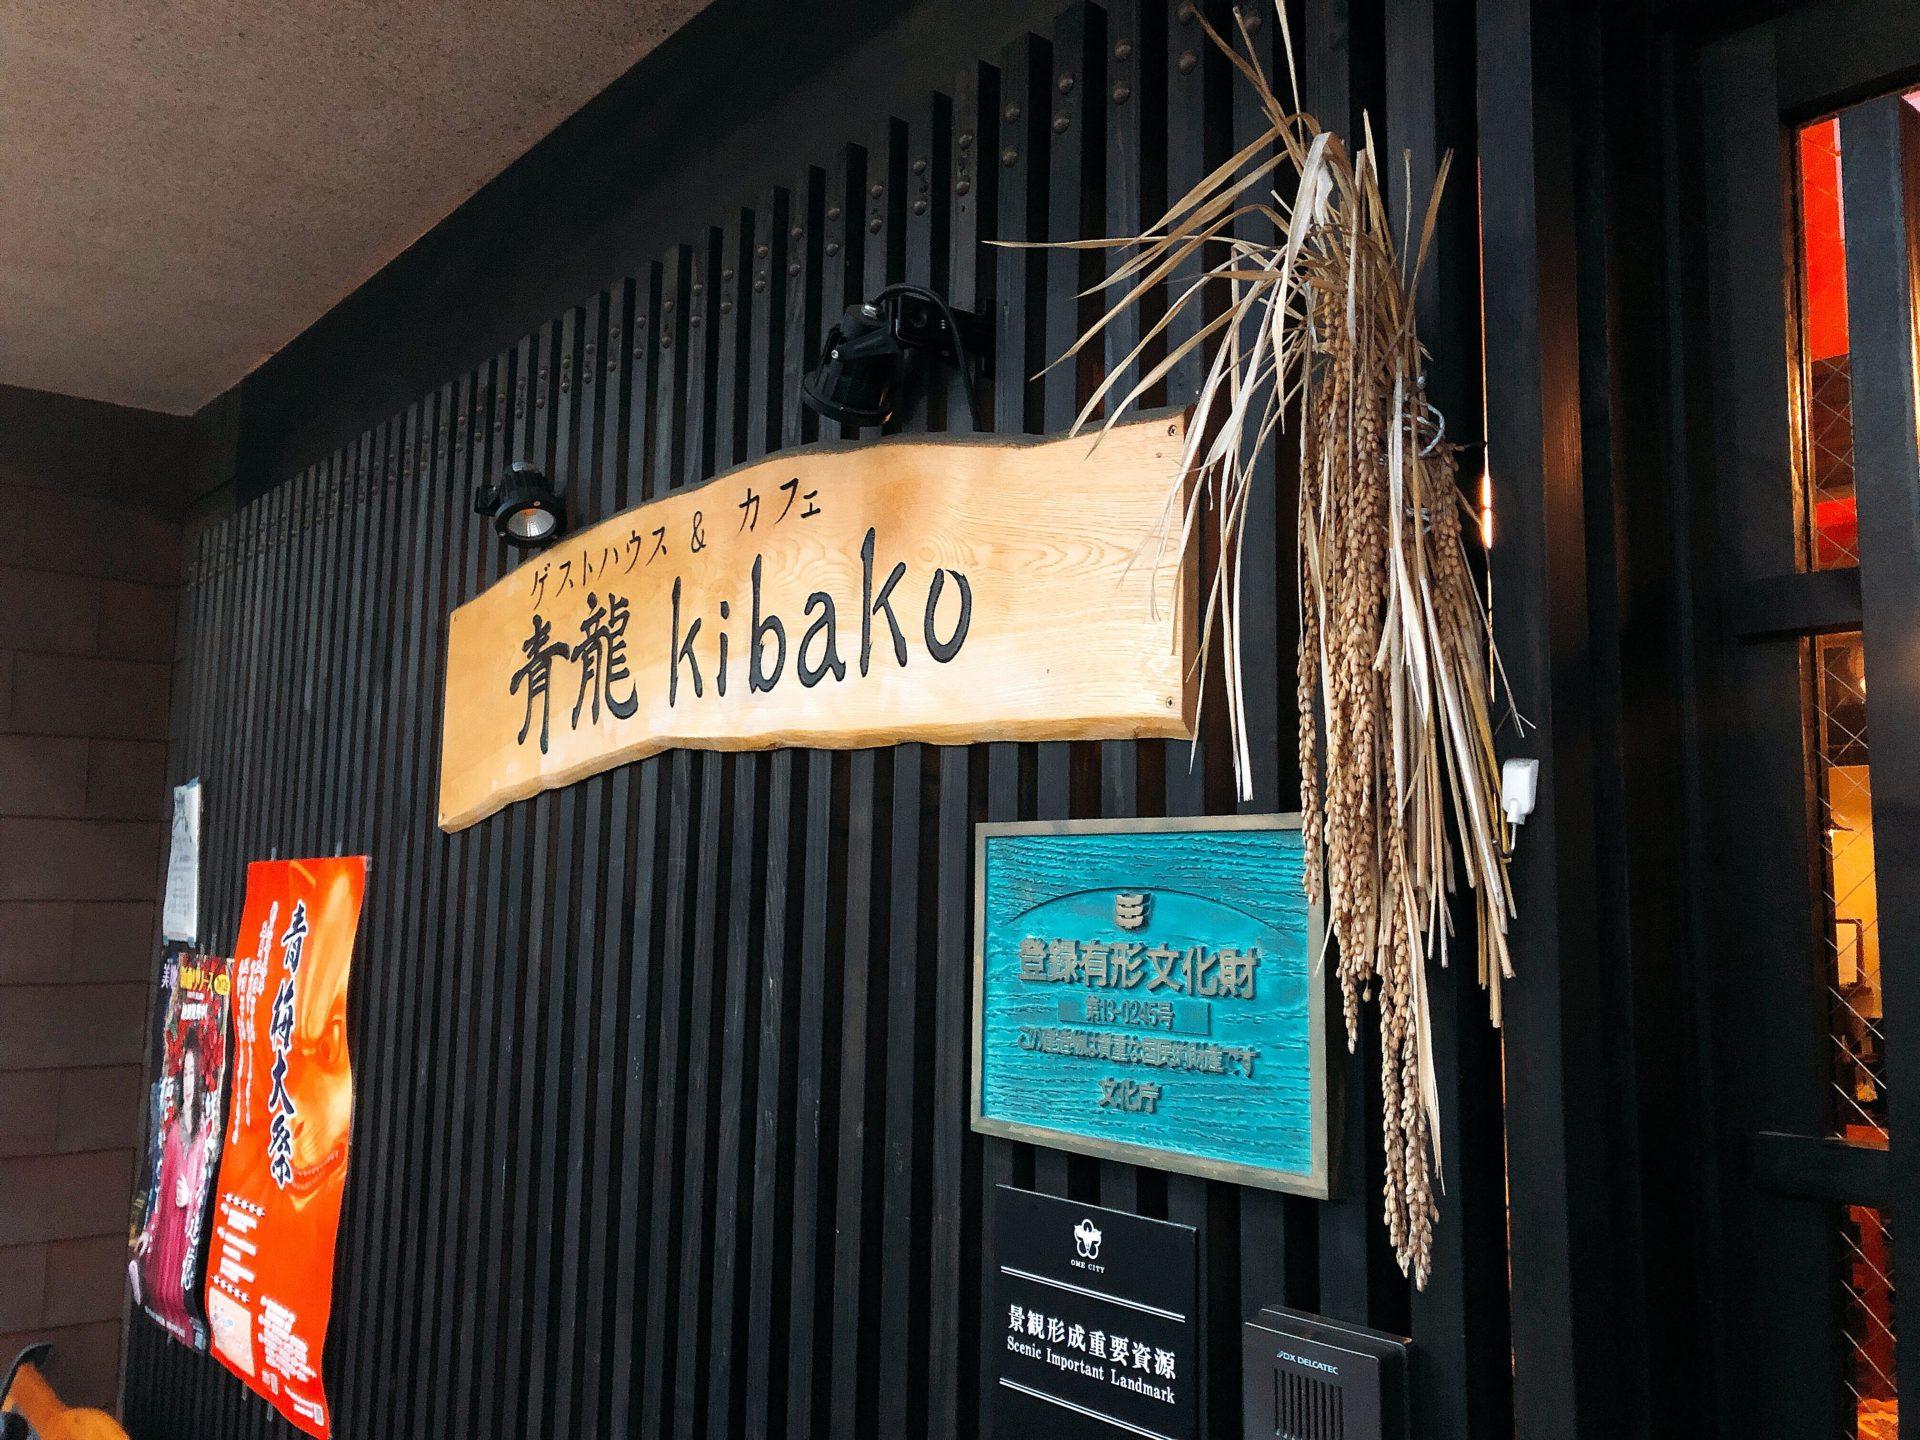 青龍kibakoファサード